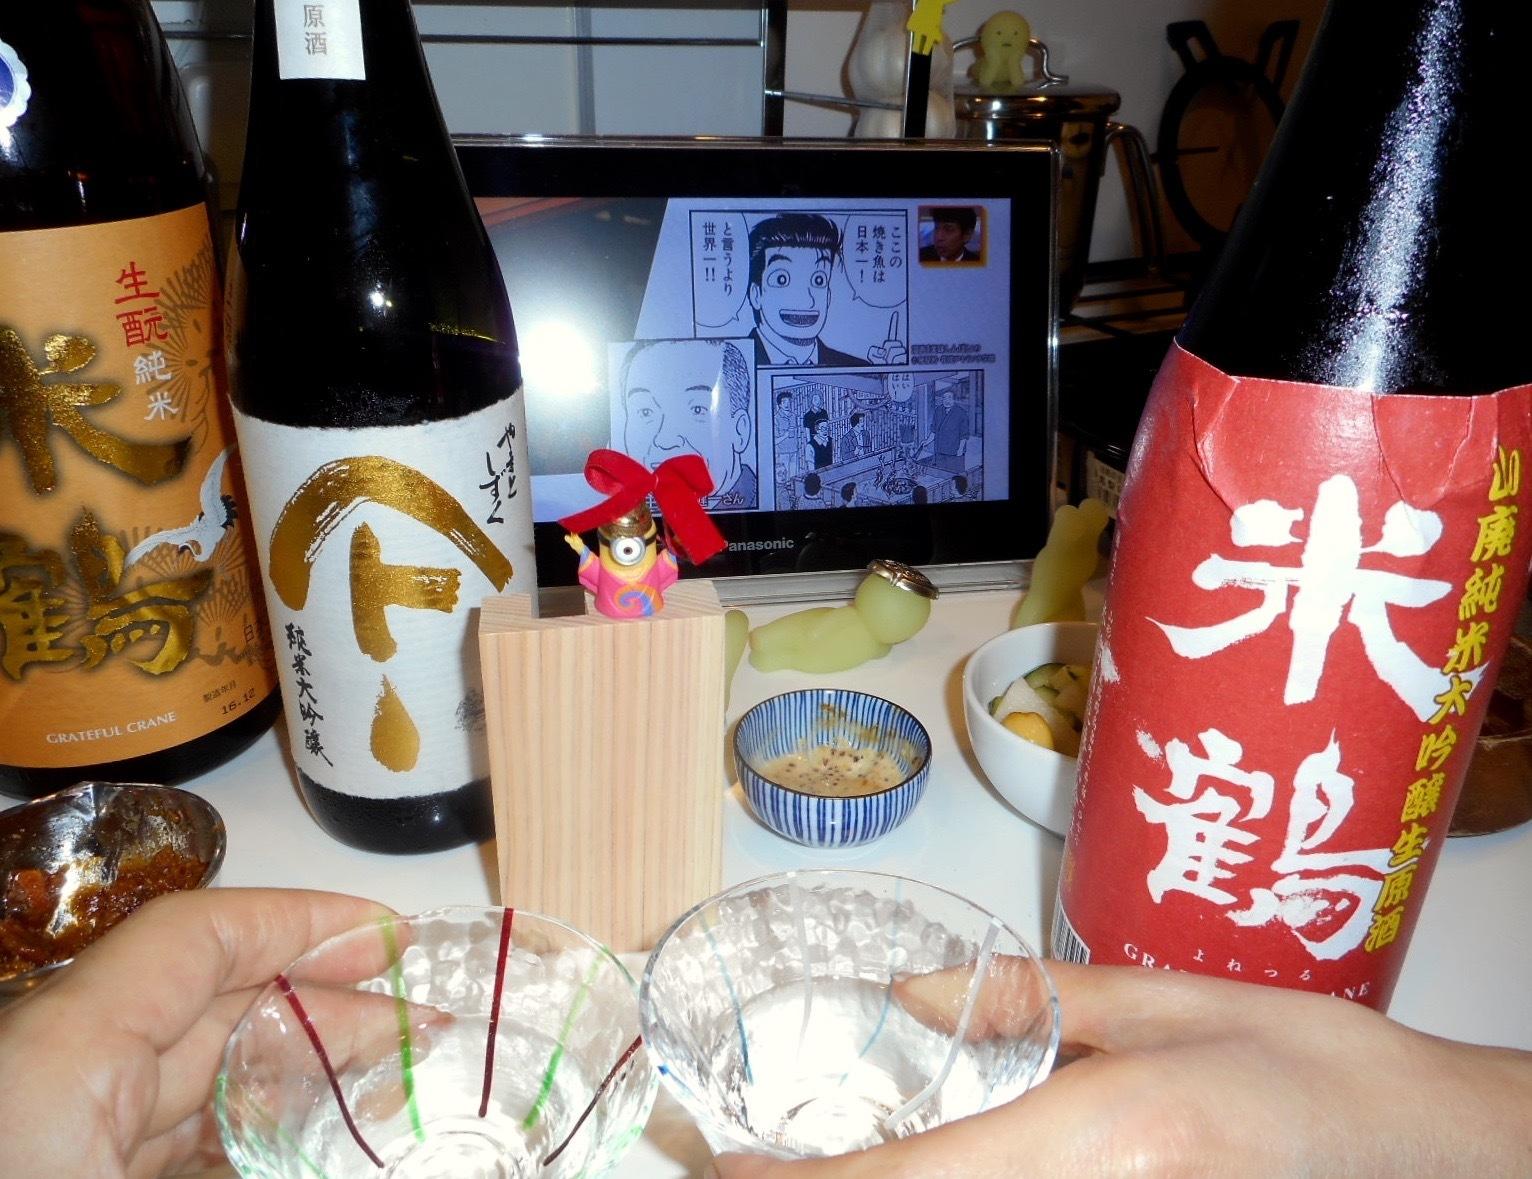 yamatoshizuku_jundai_shizku28by8.jpg